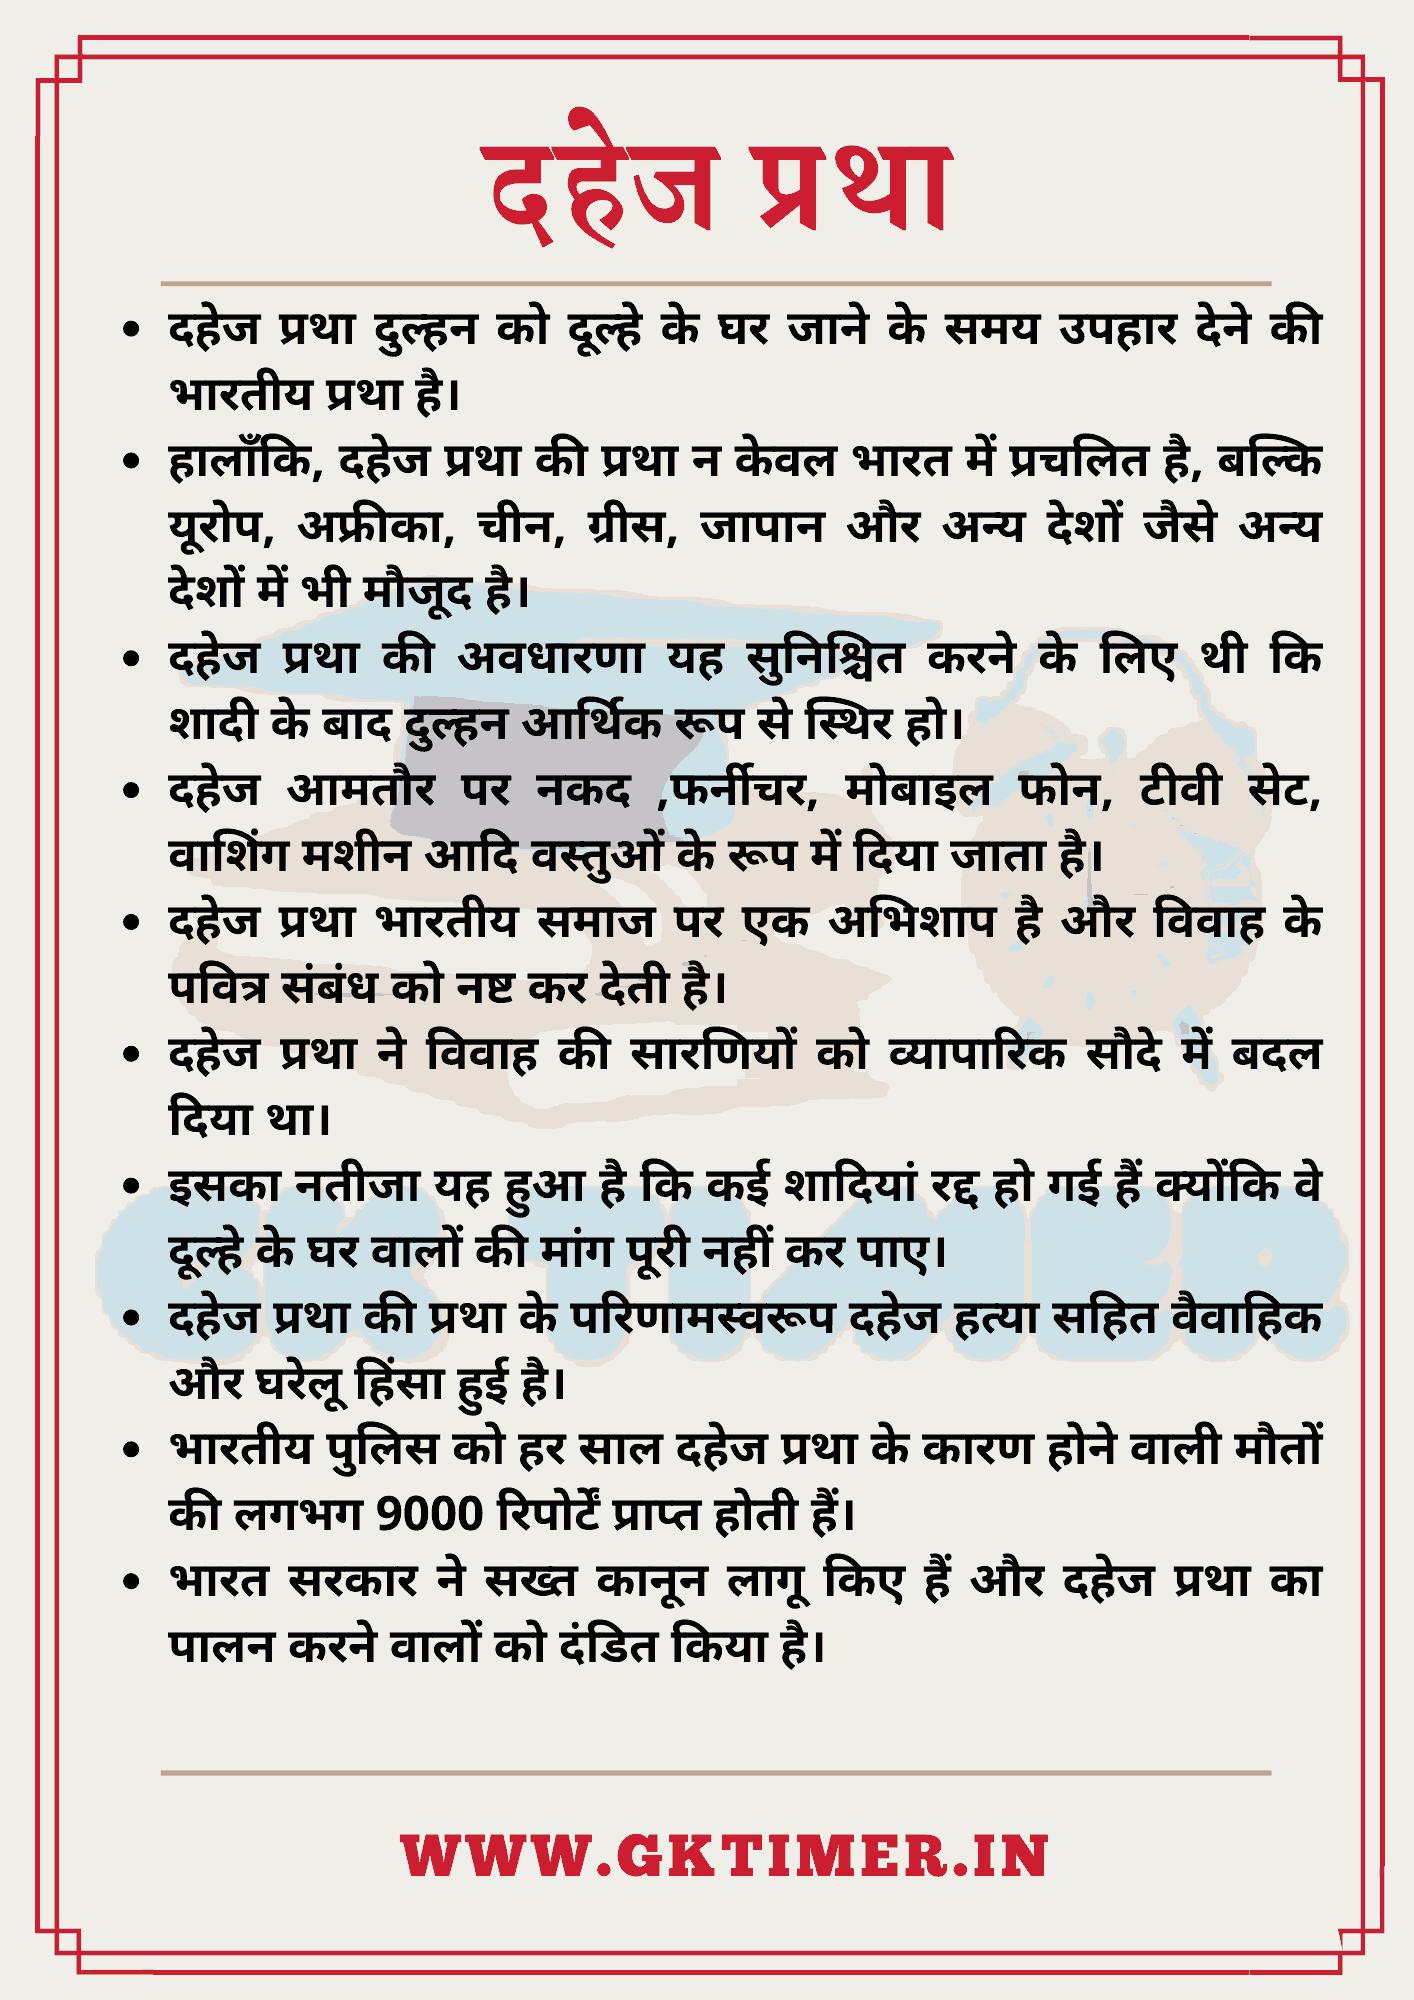 दहेज प्रथा पर निबंध | Essay on Dowry System in Hindi | 10 Lines on Dowry System in Hindi